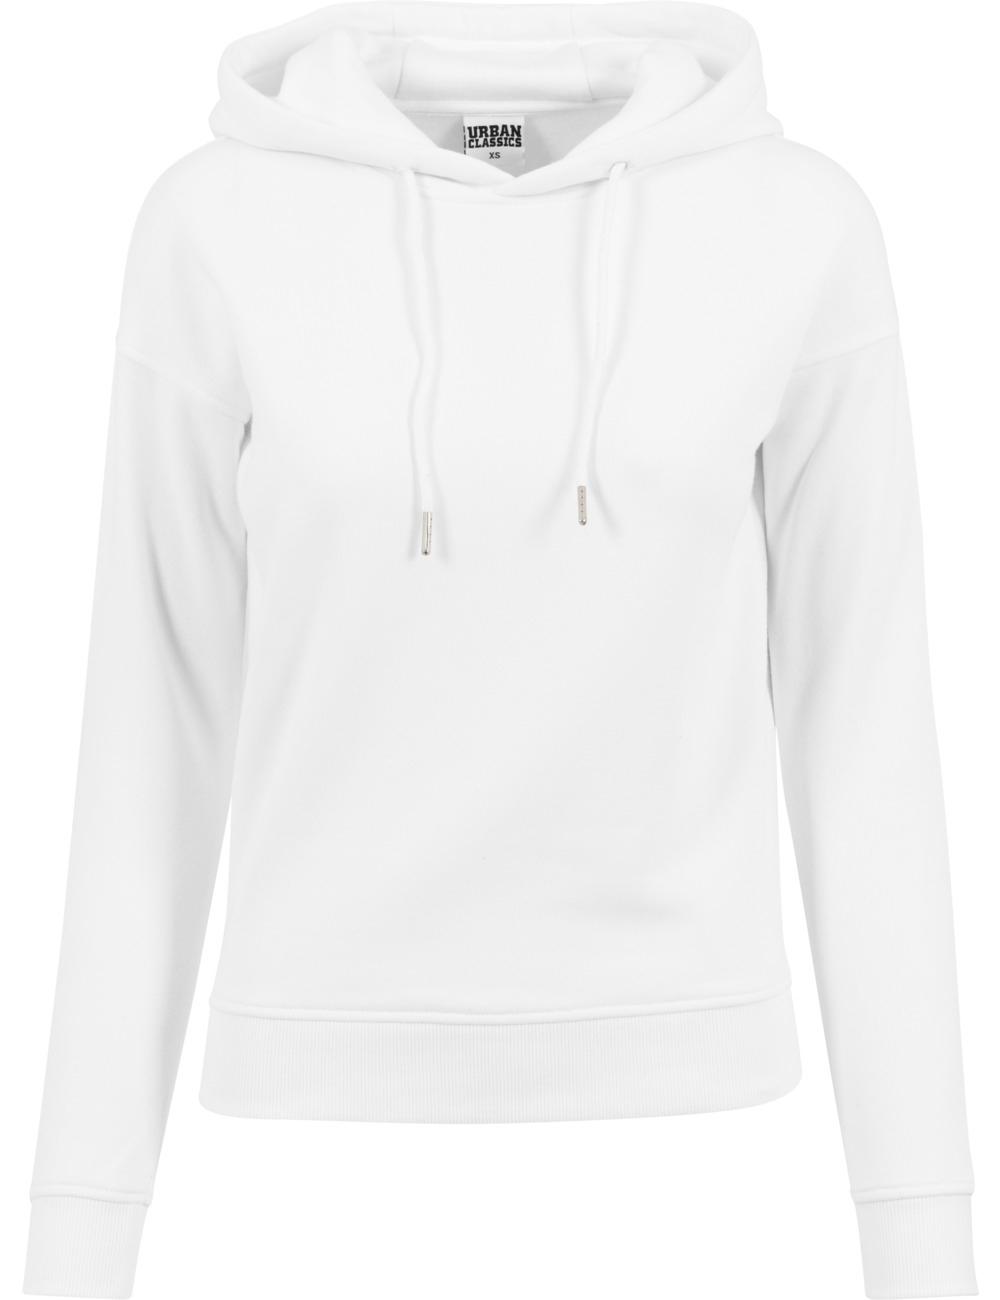 Urban Classics Damen Sweater Hoody XS, White (20220)